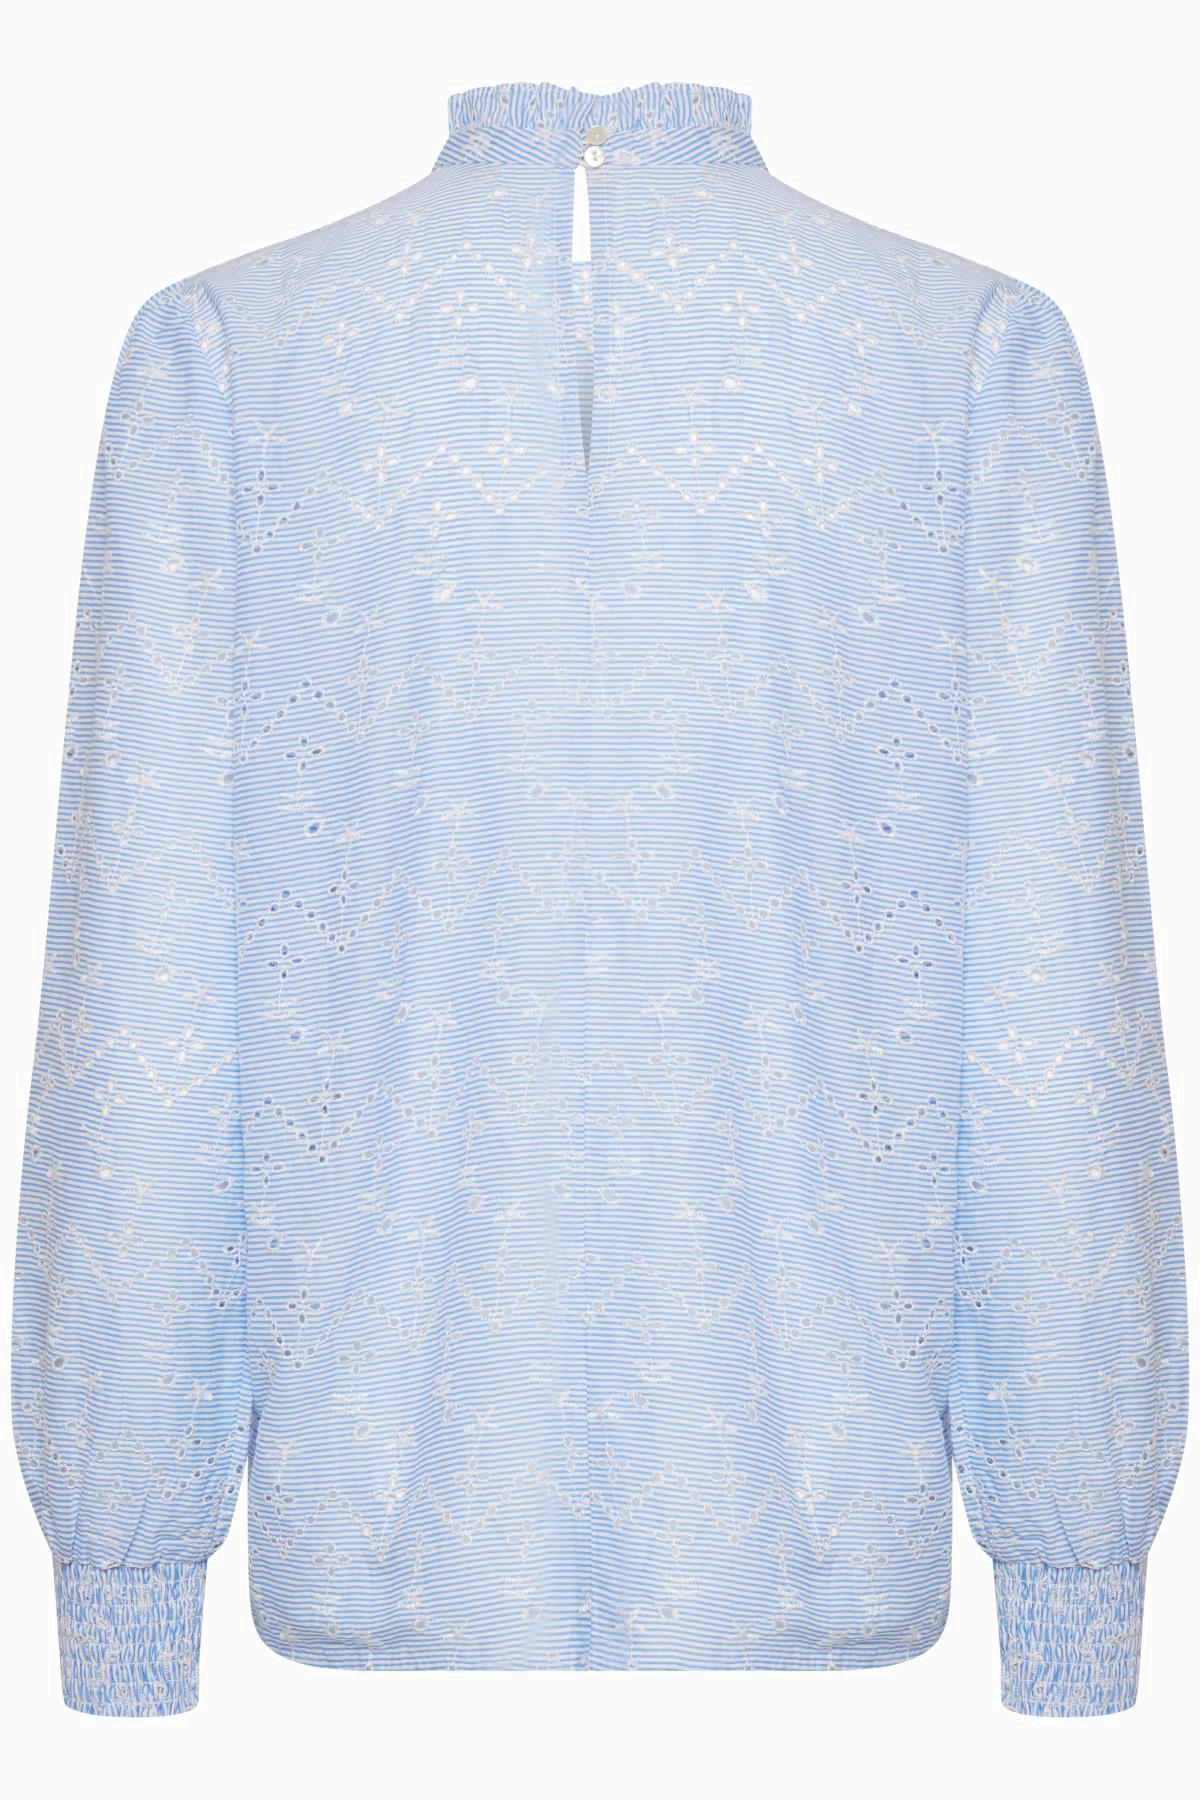 Cornflower Blue Langarm-Bluse von b.young – Kaufen Sie Cornflower Blue Langarm-Bluse aus Größe 36-46 hier